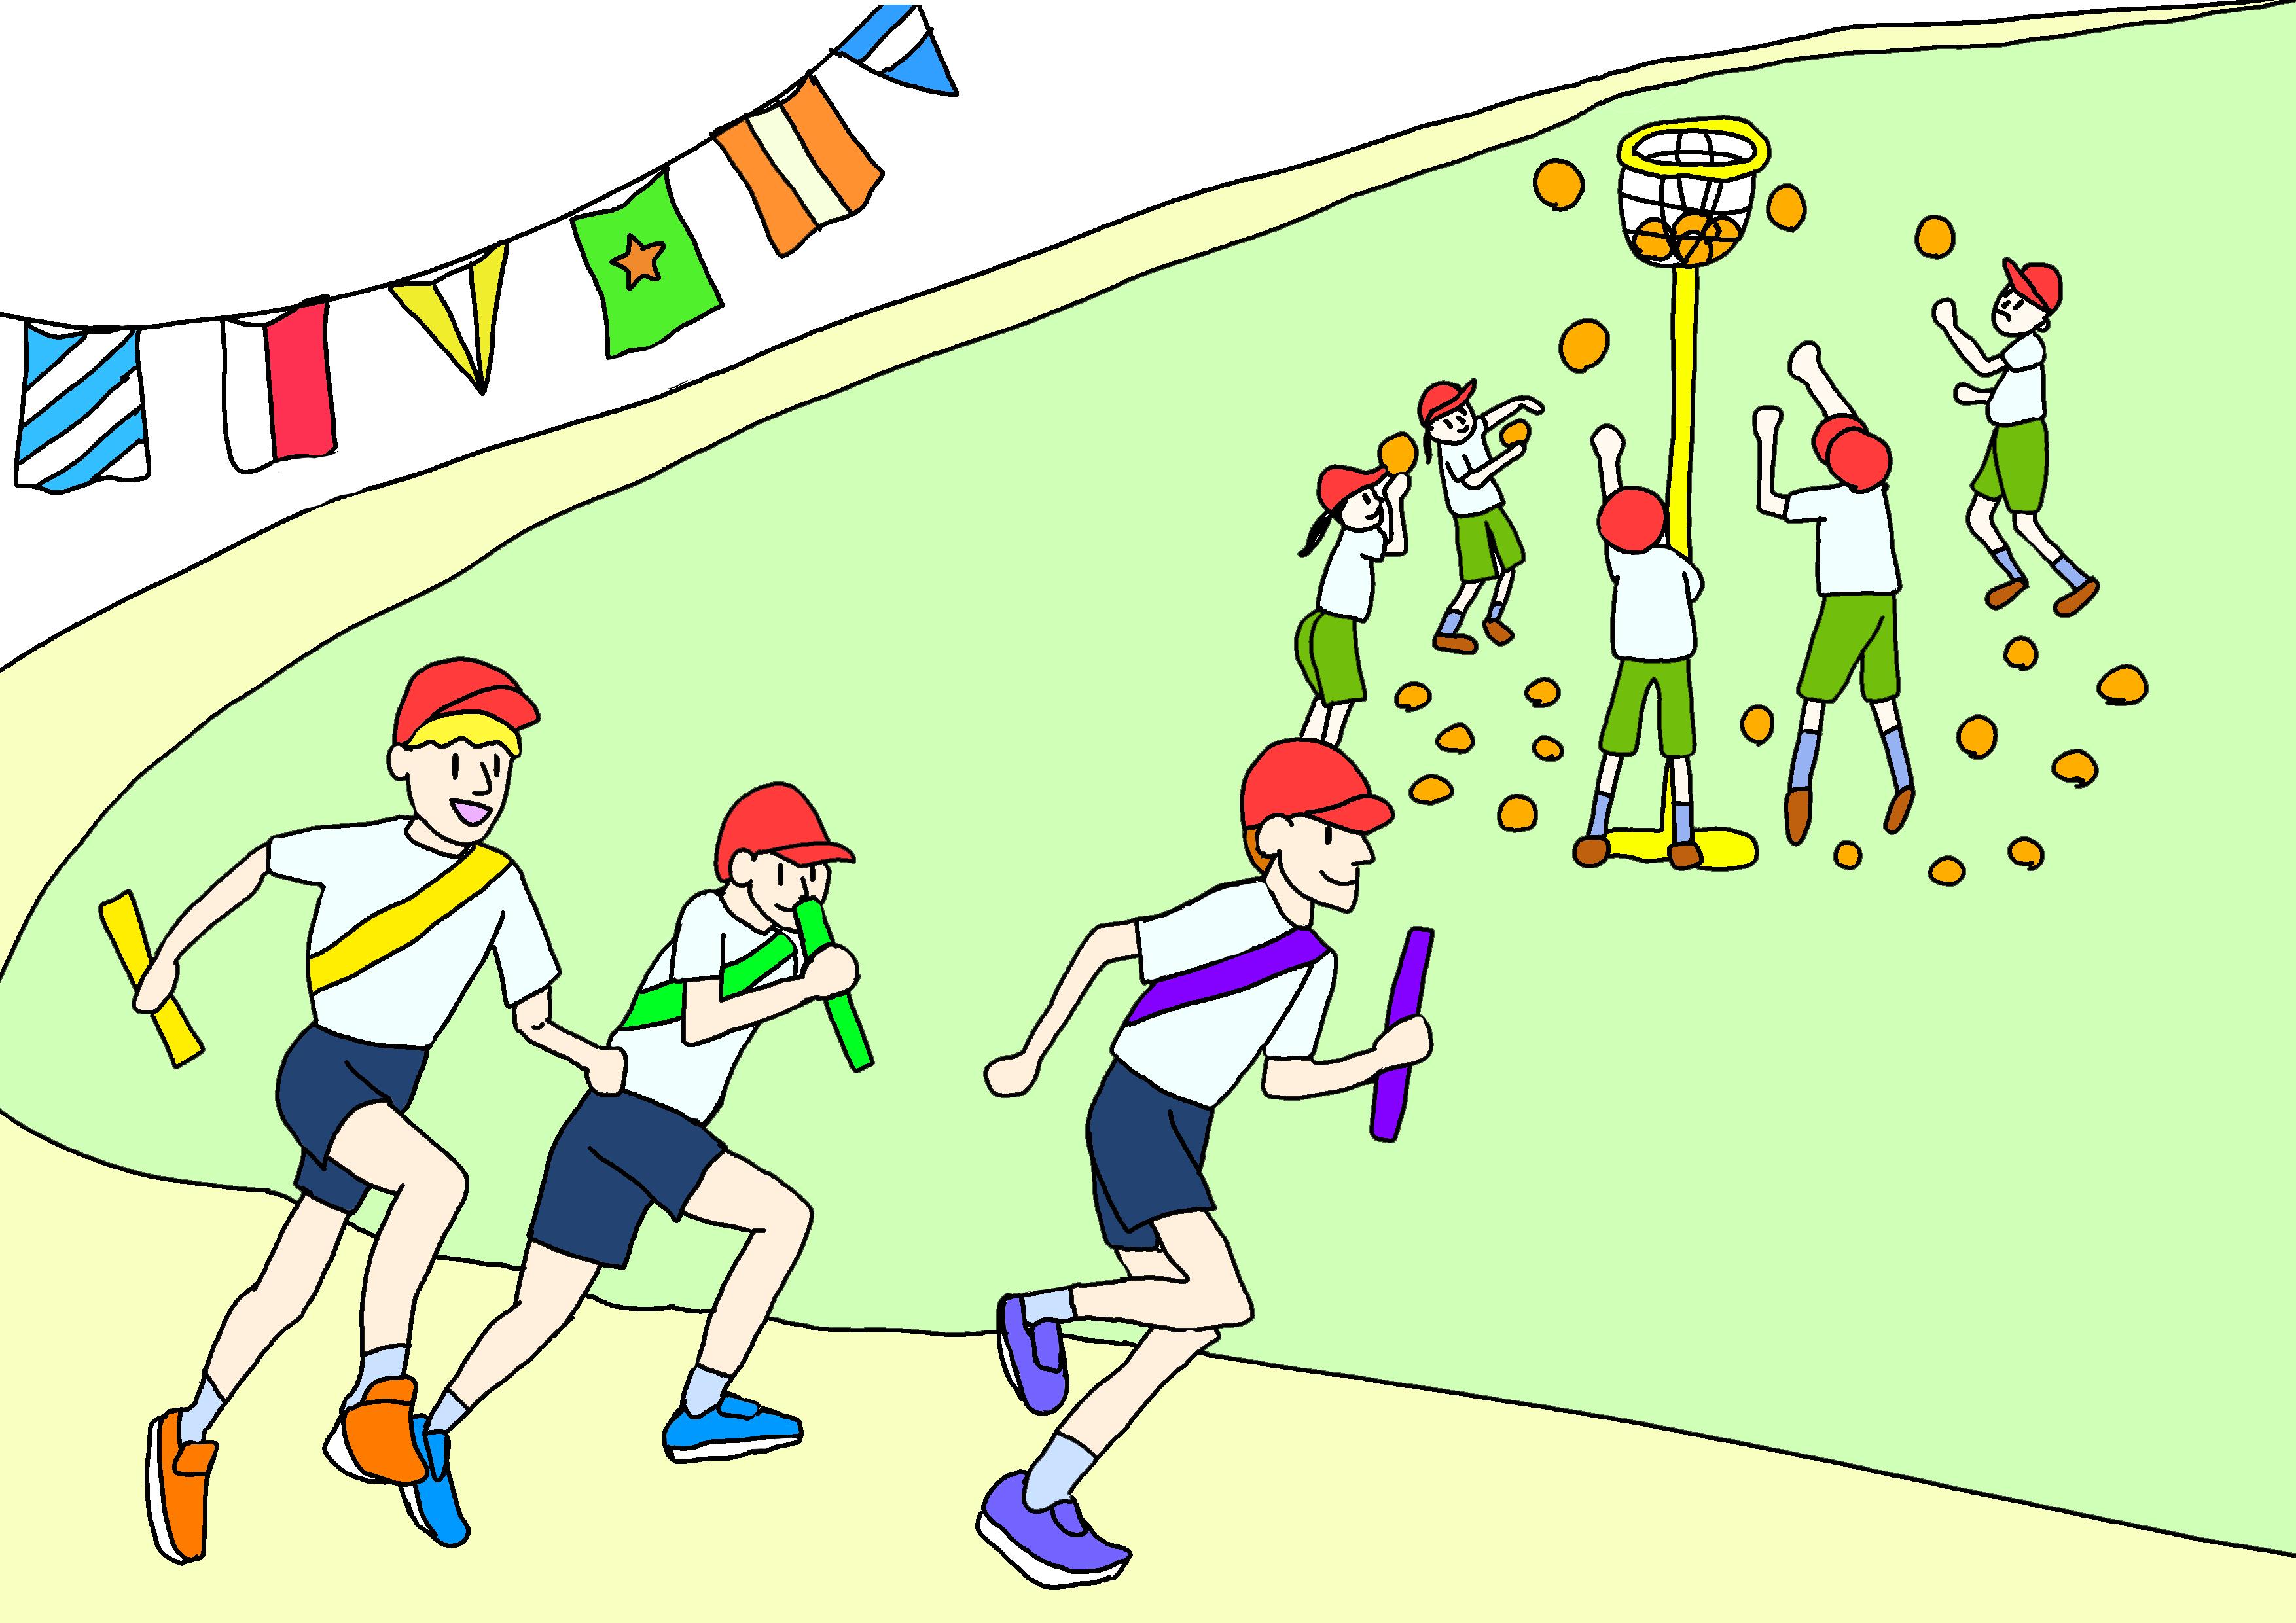 26課イラスト【運動会】